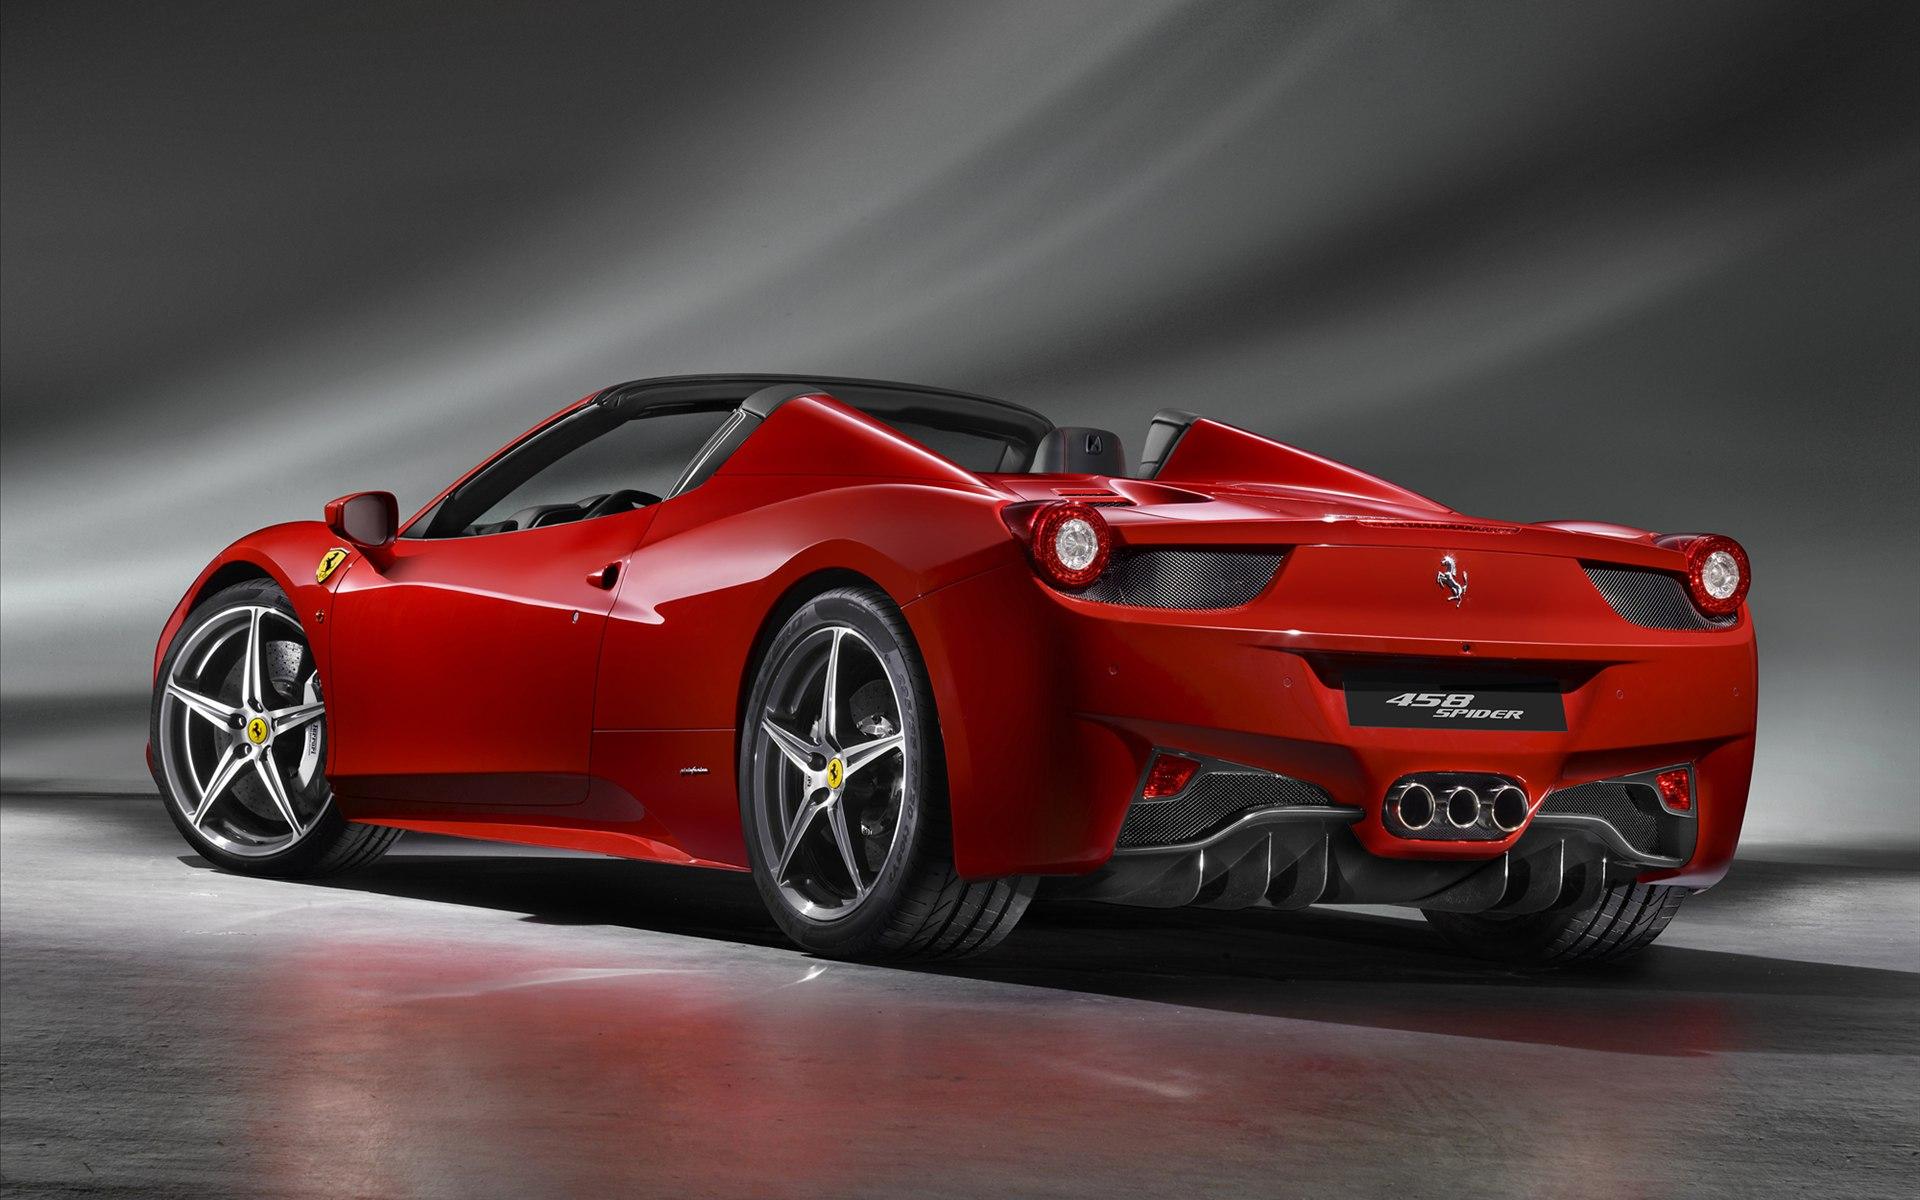 Ferrari 458 Spider wallpapers & pics